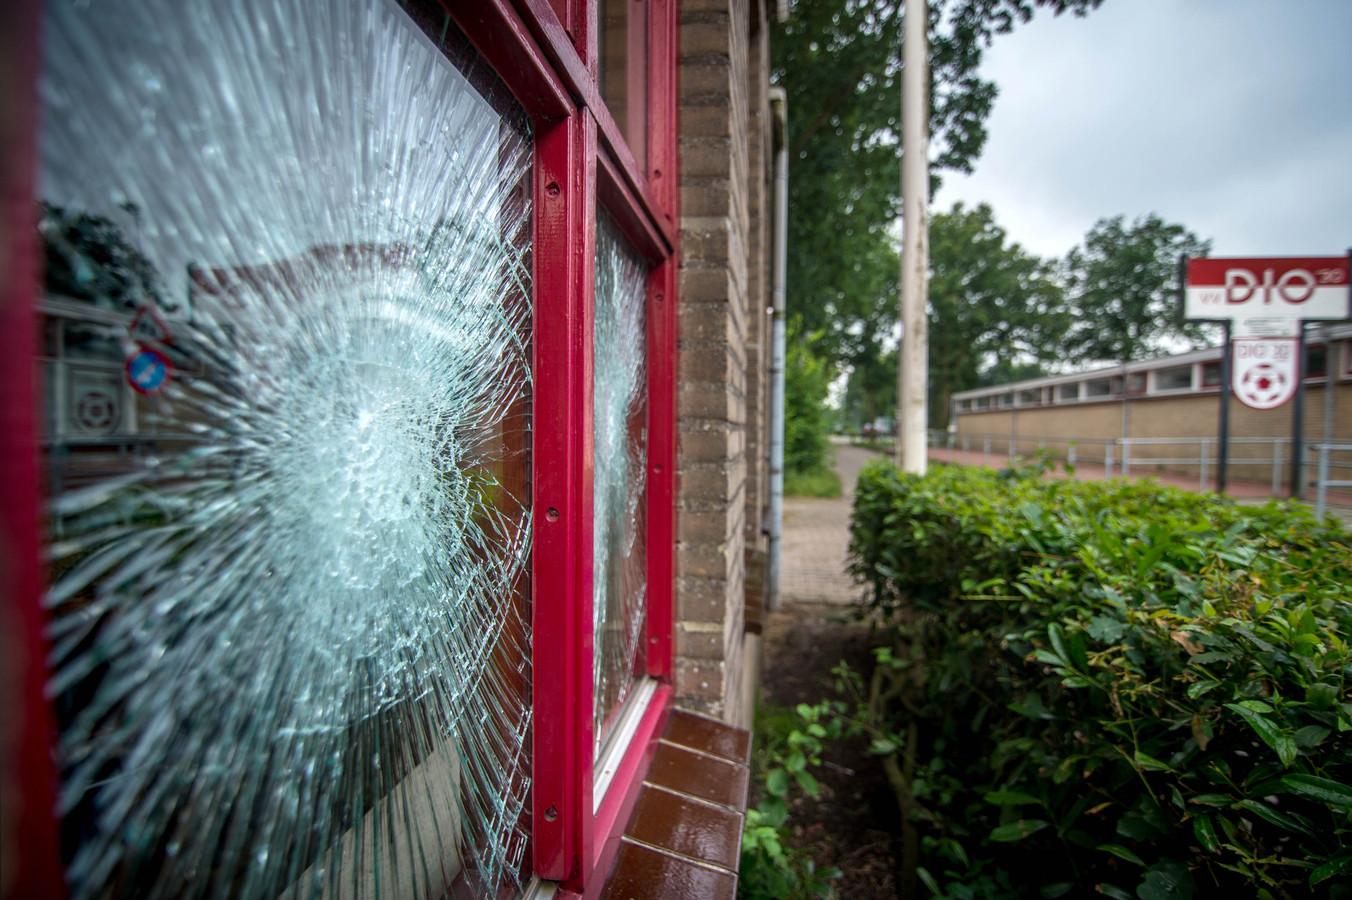 De schade die vandalen hebben aangericht aan het clubhuis van DIO'30 op de Gelenberg. O die reden is ook cameratoezicht nodig.